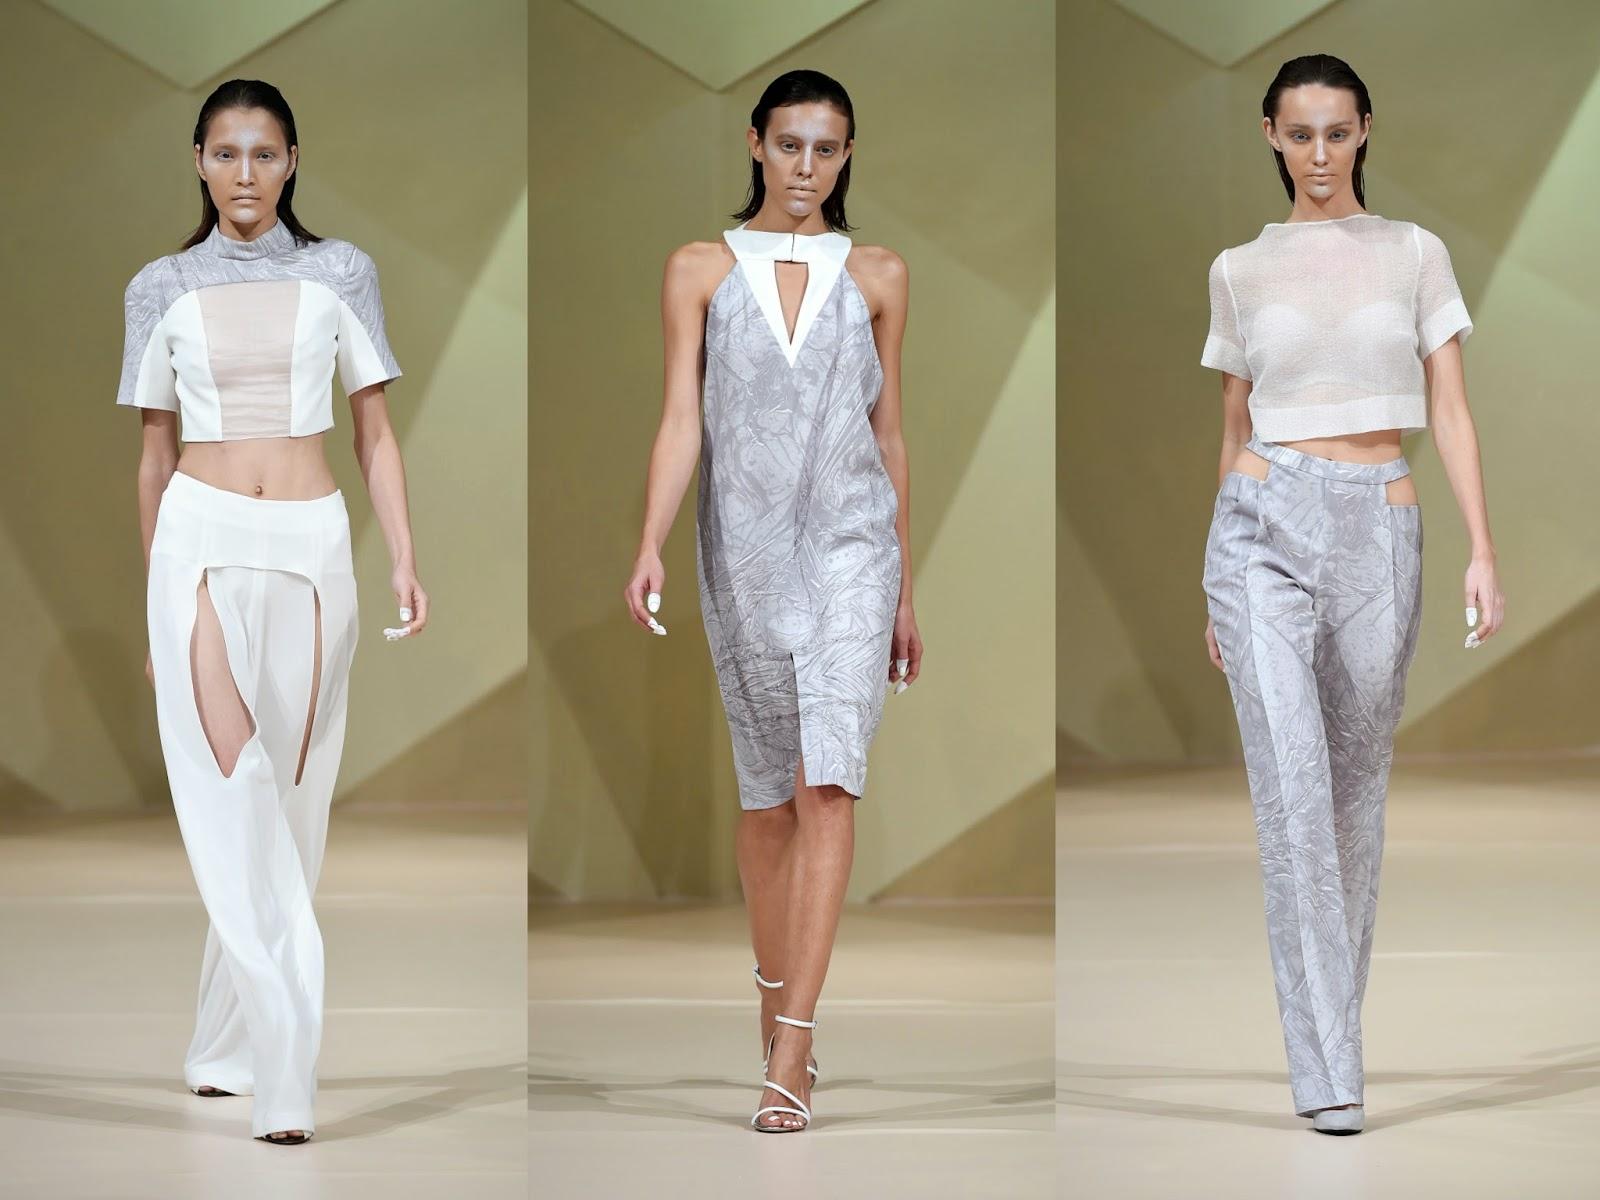 fashion, style, fashion show, fashion forward, fashion forward season 4, ffwd, ffwddxb, the style sorbet, dubai, my dubai, dubai fashion blog, fashion blog, blogger, style blogger, fashion blogger, dubai fashion blogger, bashar assaf